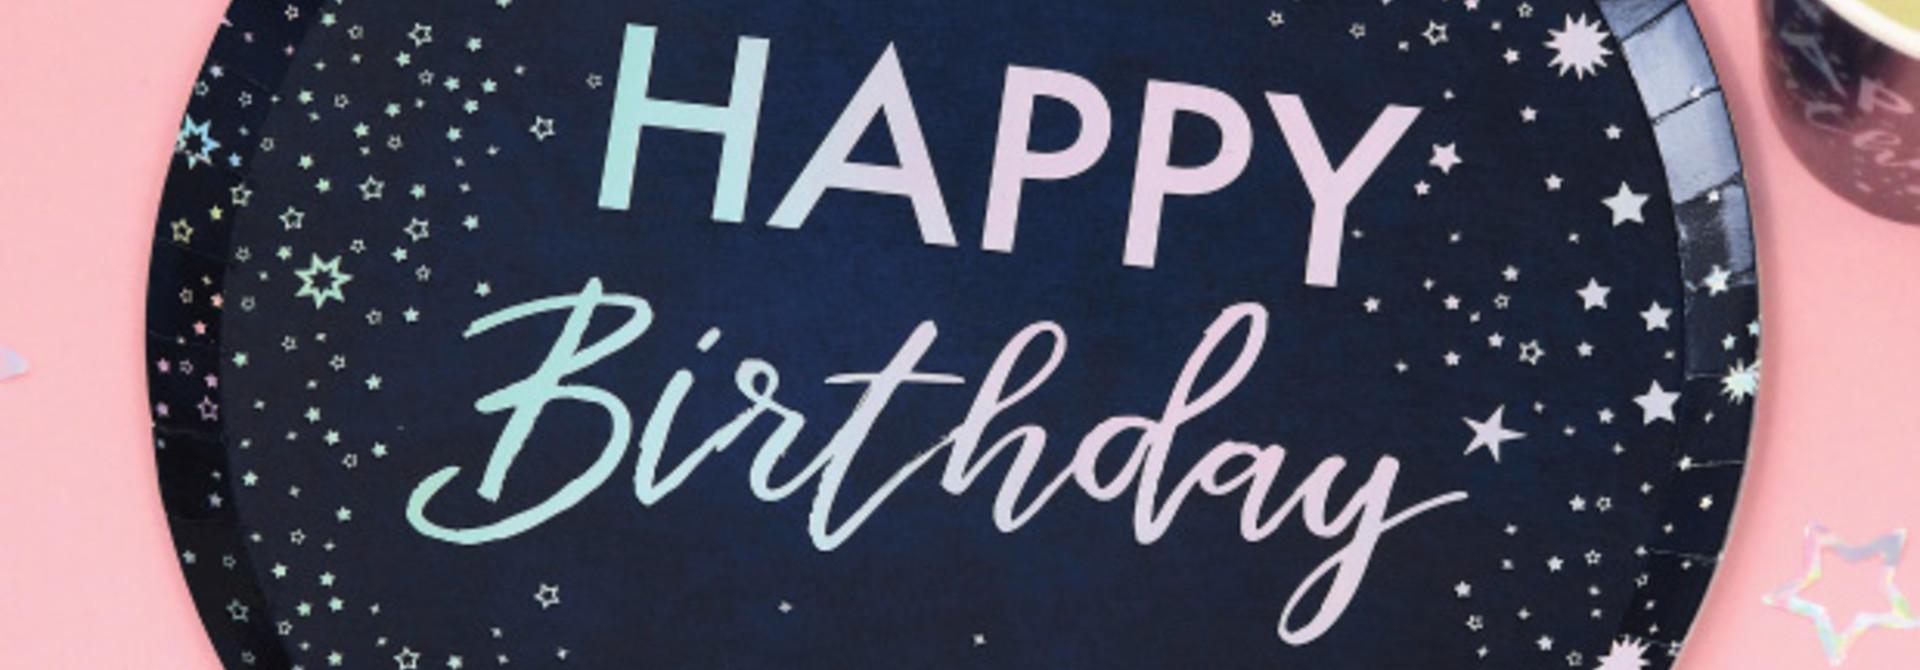 Bordjes Happy Birthday Stargazer (8 st) Ginger Ray